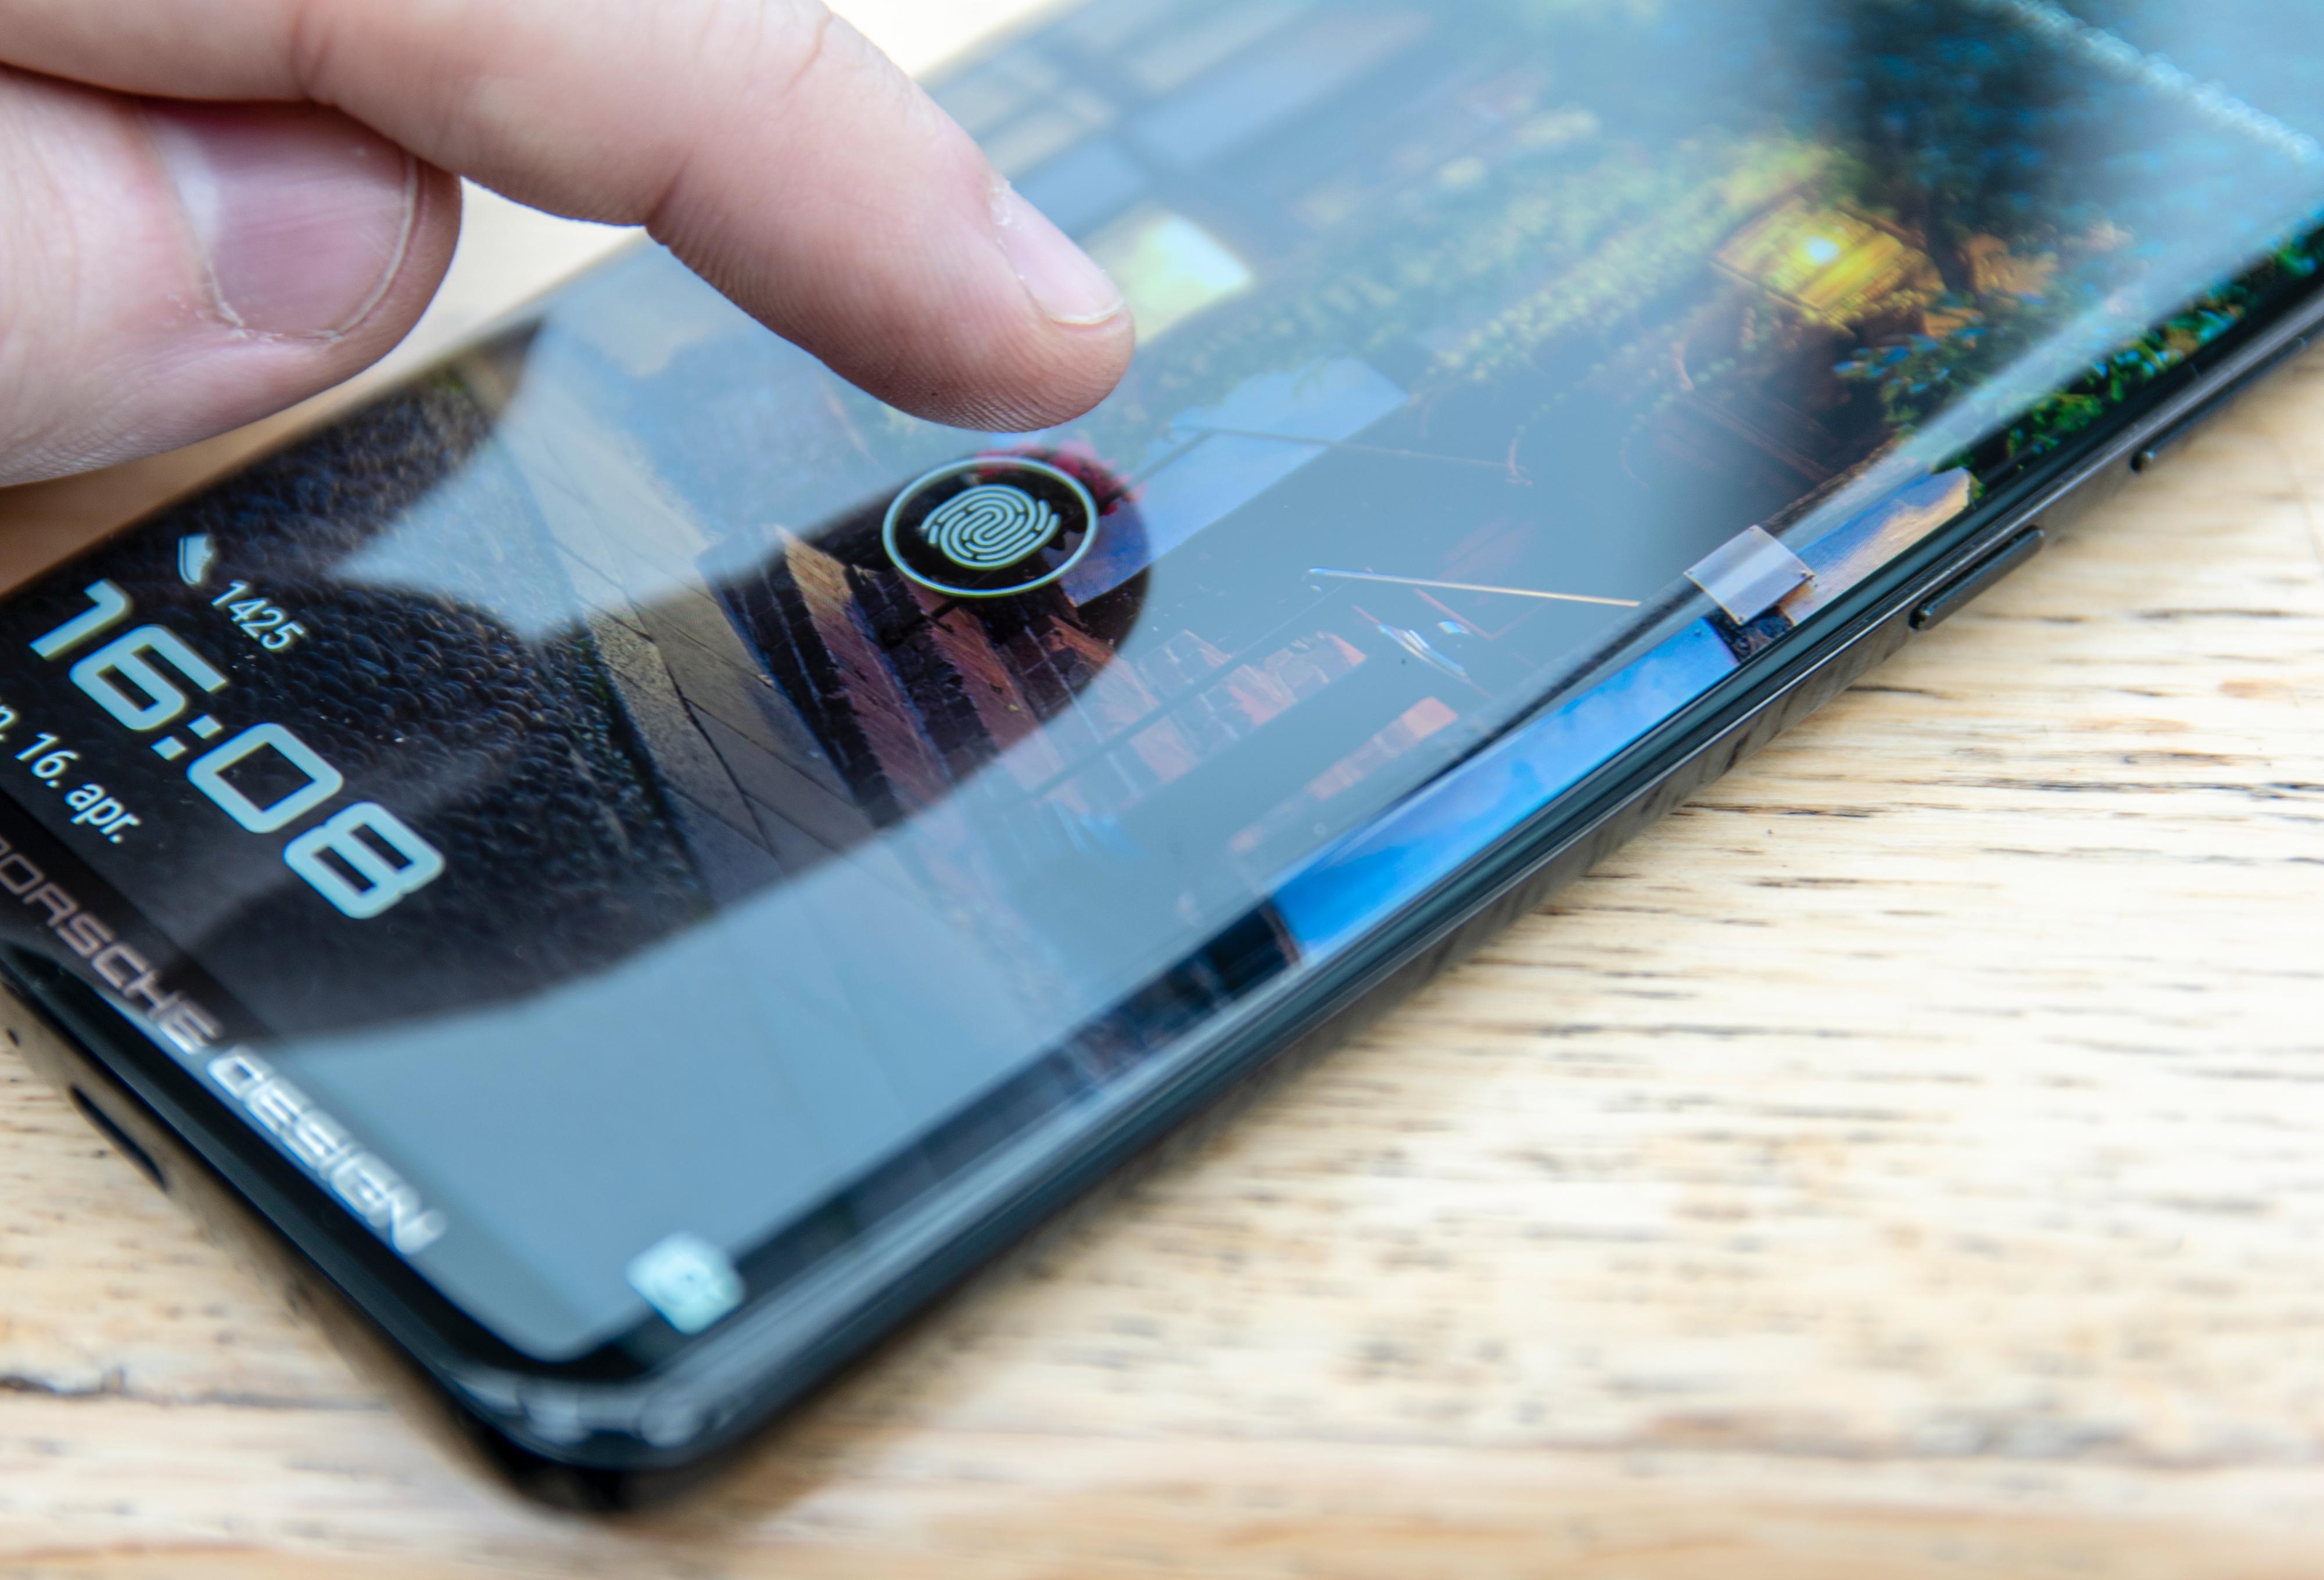 I Kina er det allerede flere produsenter som har prøvd seg med fingeravtrykksleser i skjermen. Enn så lenge er det kun Huaweis ekstremversjon i Mate-serien som har funksjonen i norske butikkhyller.